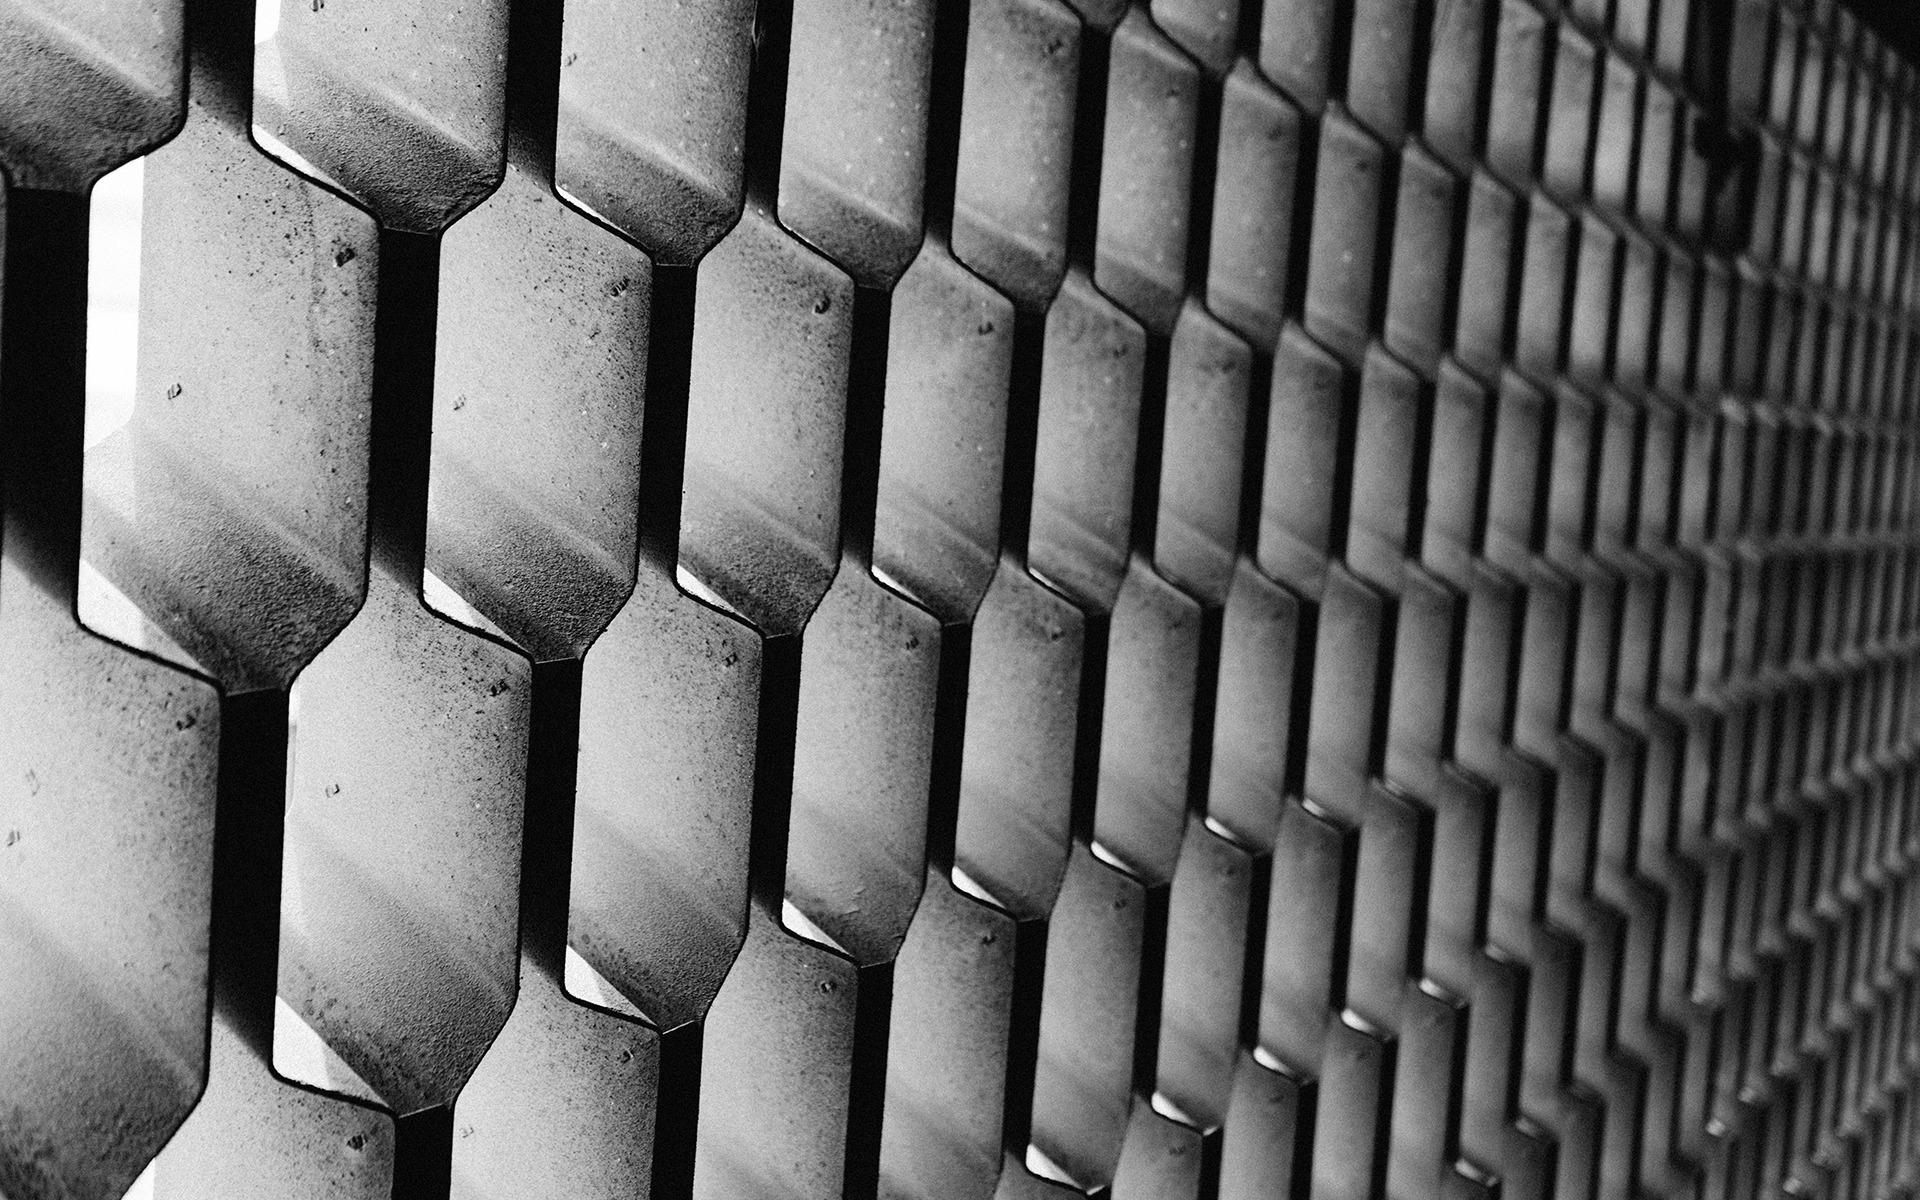 パターンハニカムメタル ライフ写真のhd壁紙プレビュー 10wallpaper Com